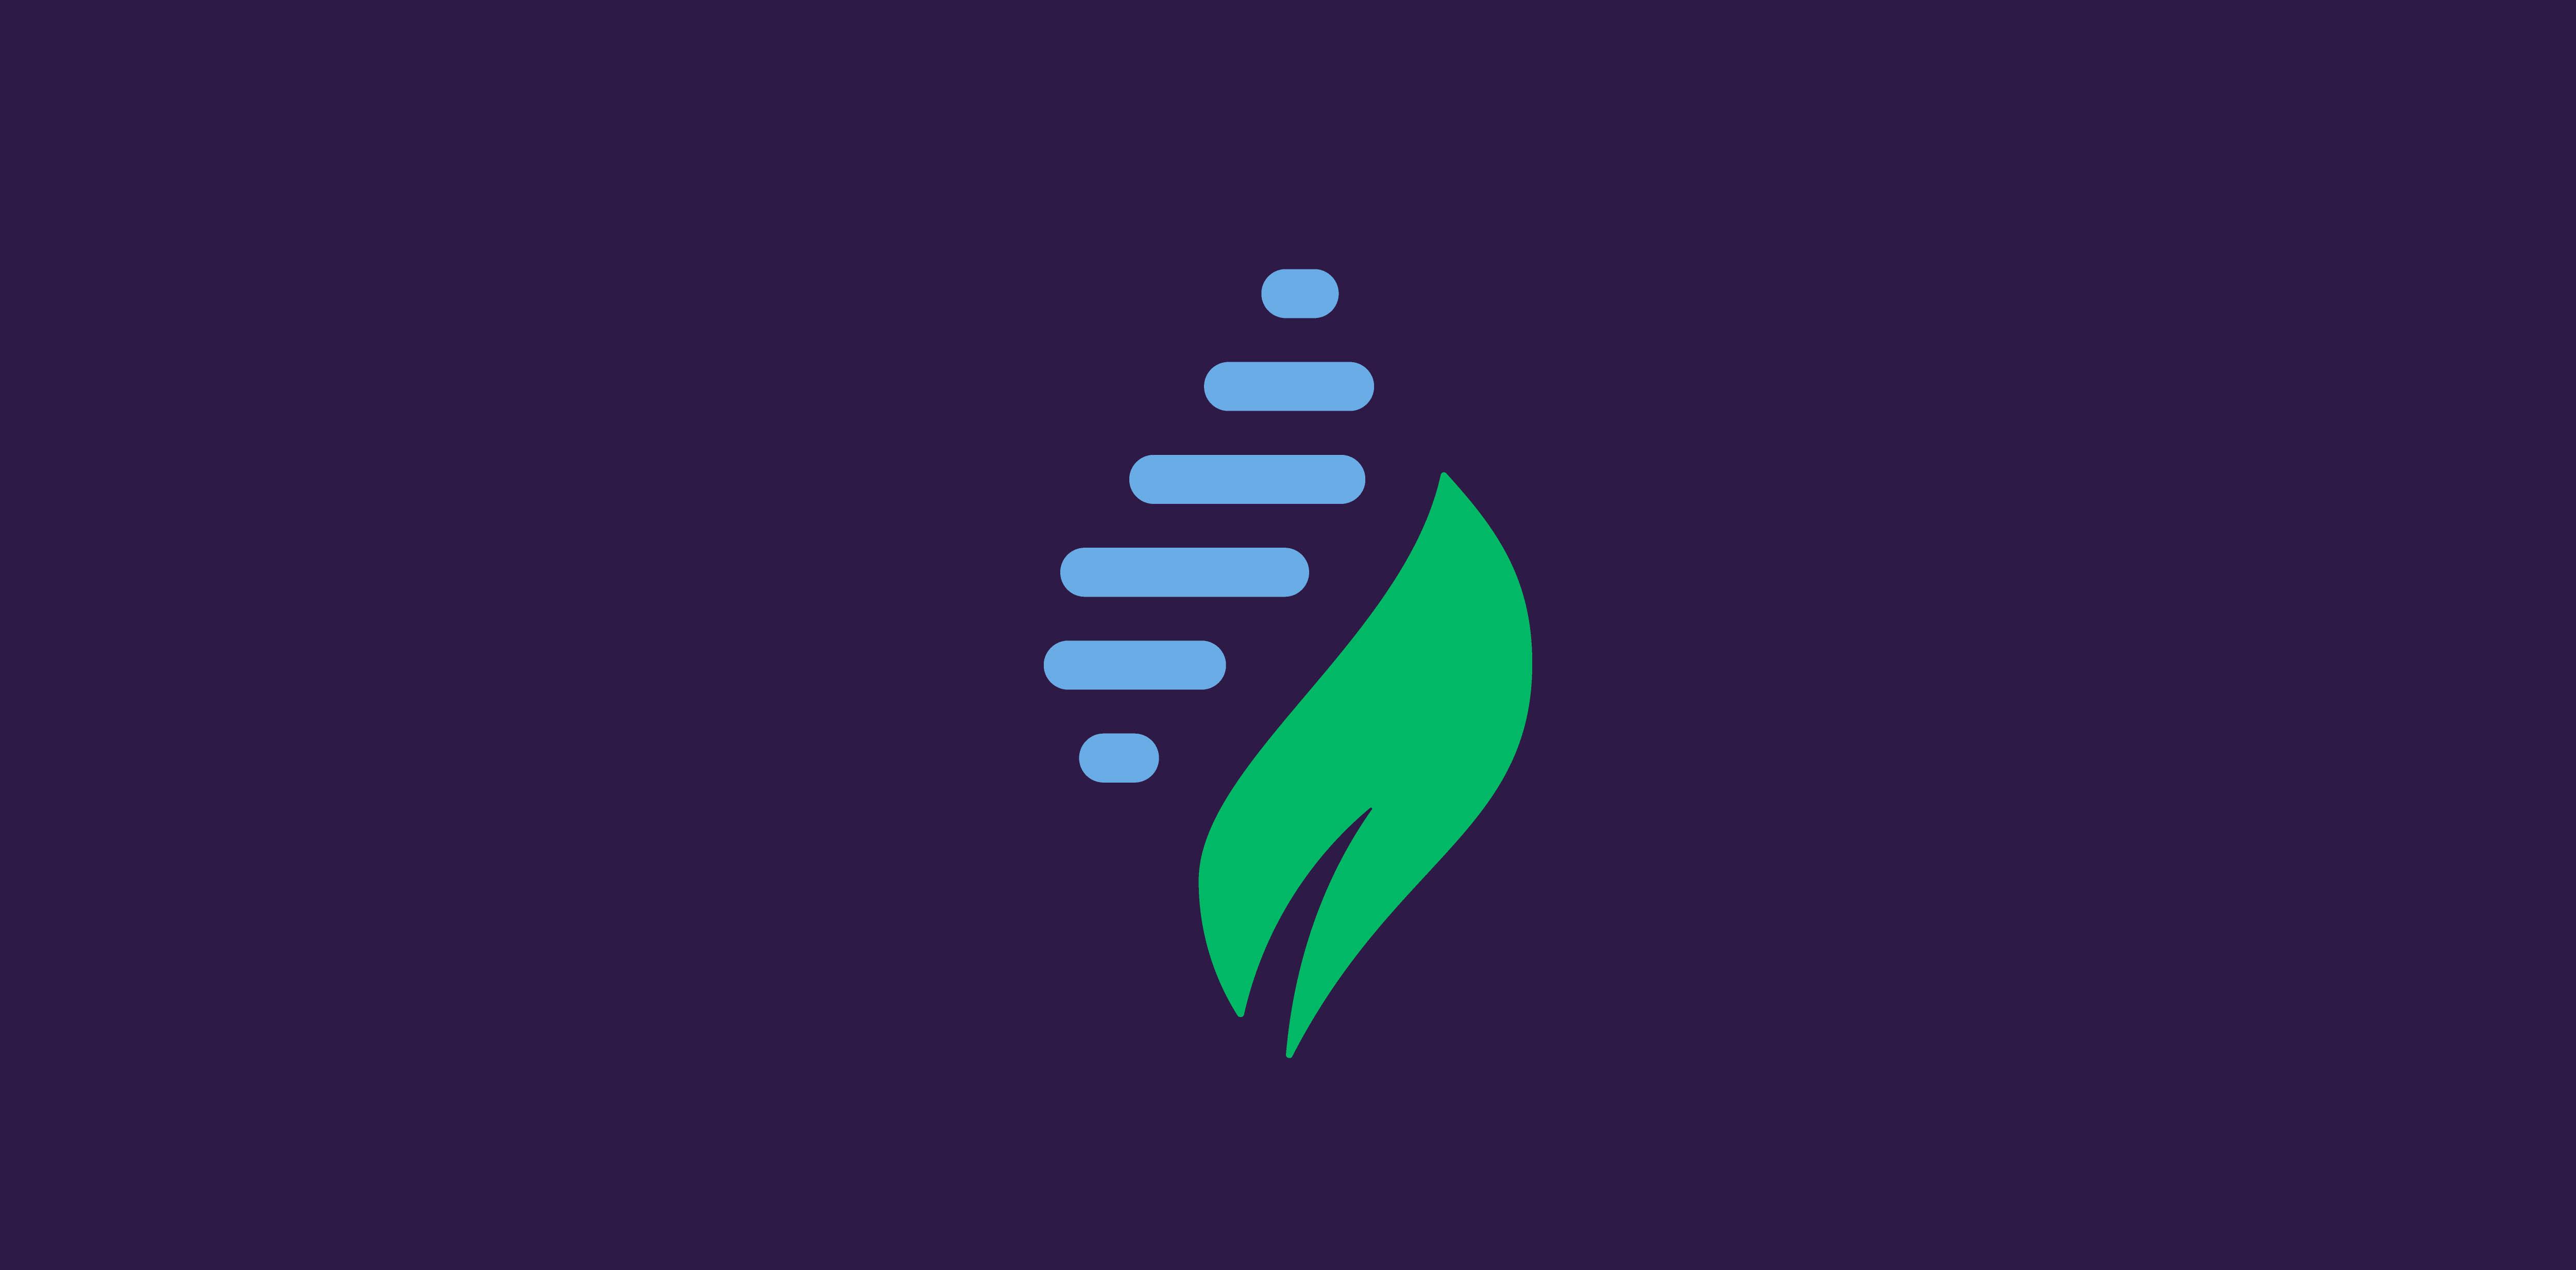 Environnement - Modes de vie - Société